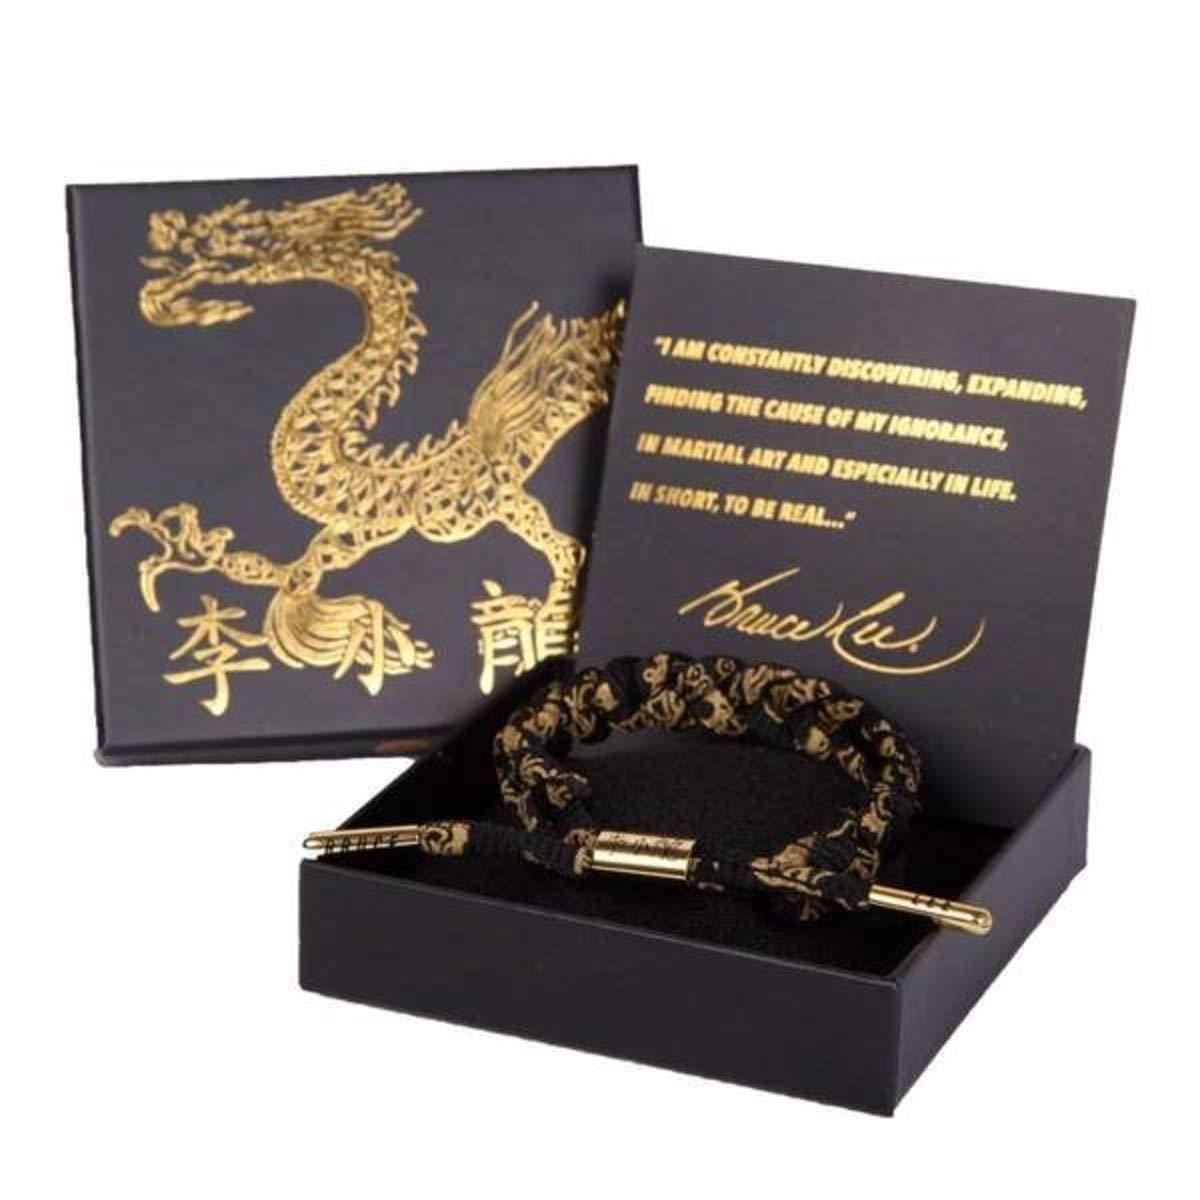 Bruce Lee Rastaclat Lee Little Dragon